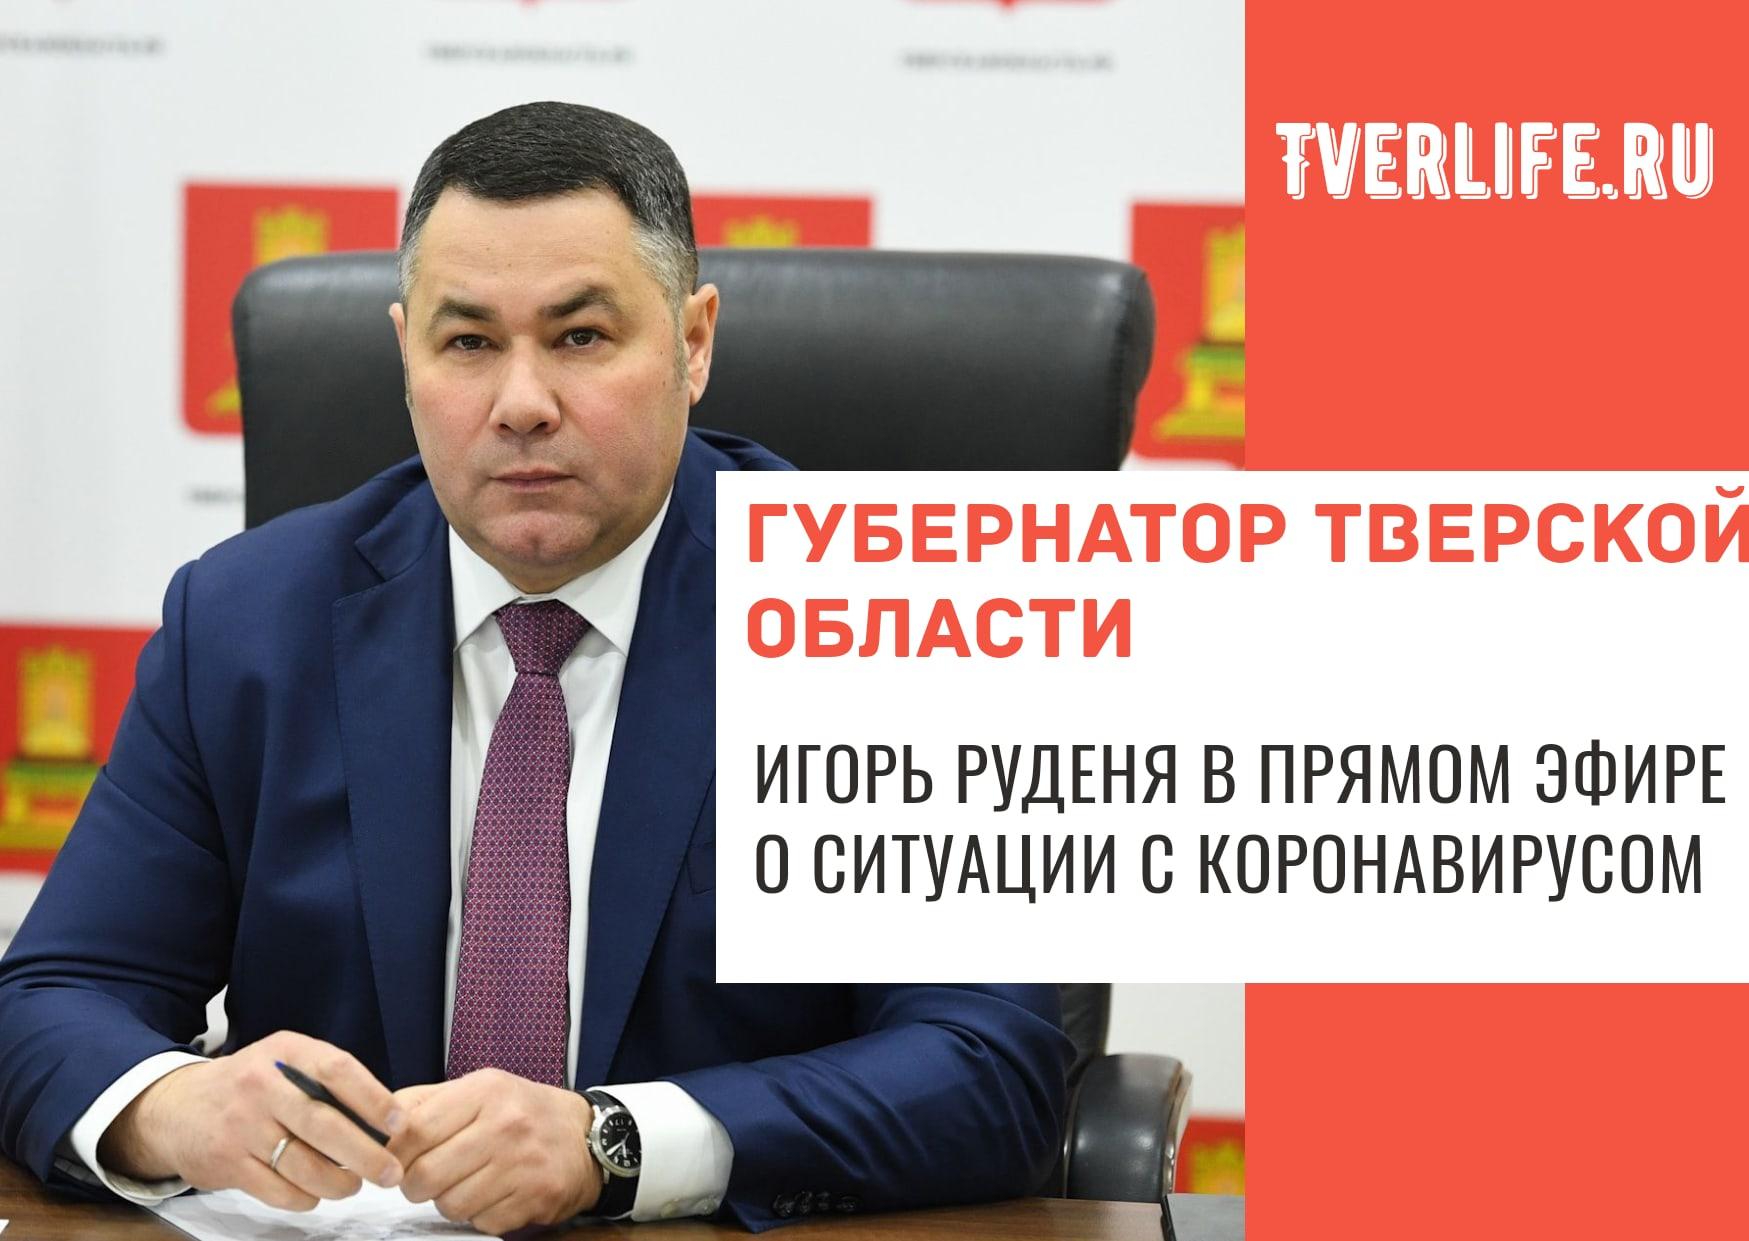 Губернатор расскажет в прямом эфире про обстановку с коронавирусом в Тверской области